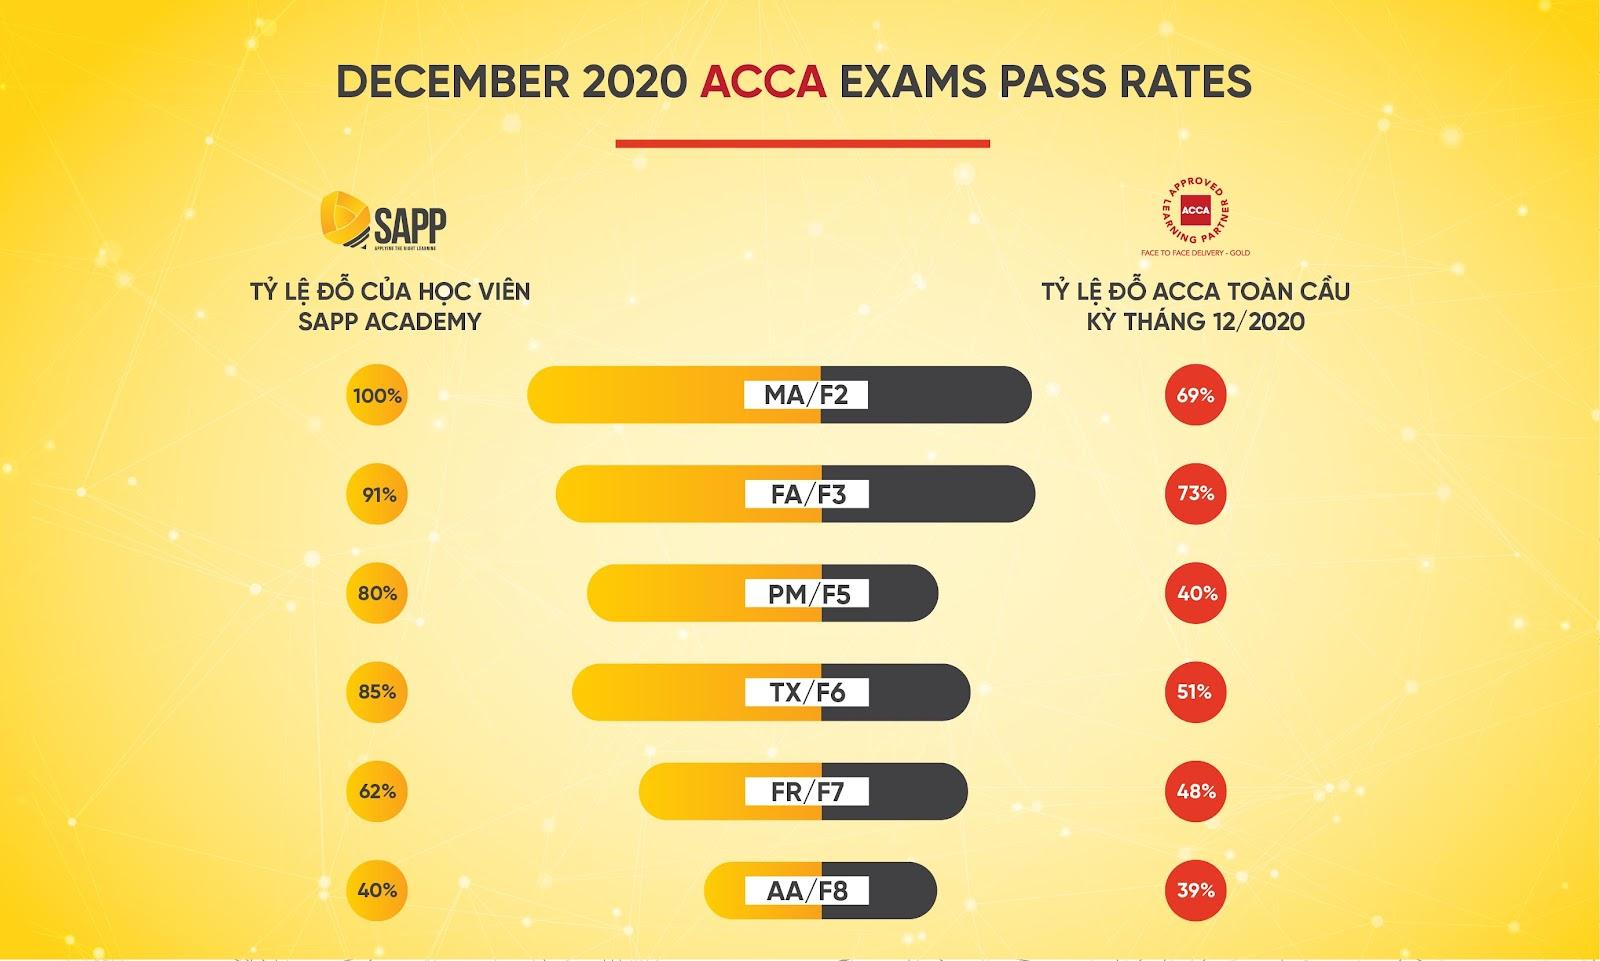 Tỷ lệ pass ACCA của học viên SAPP Academy